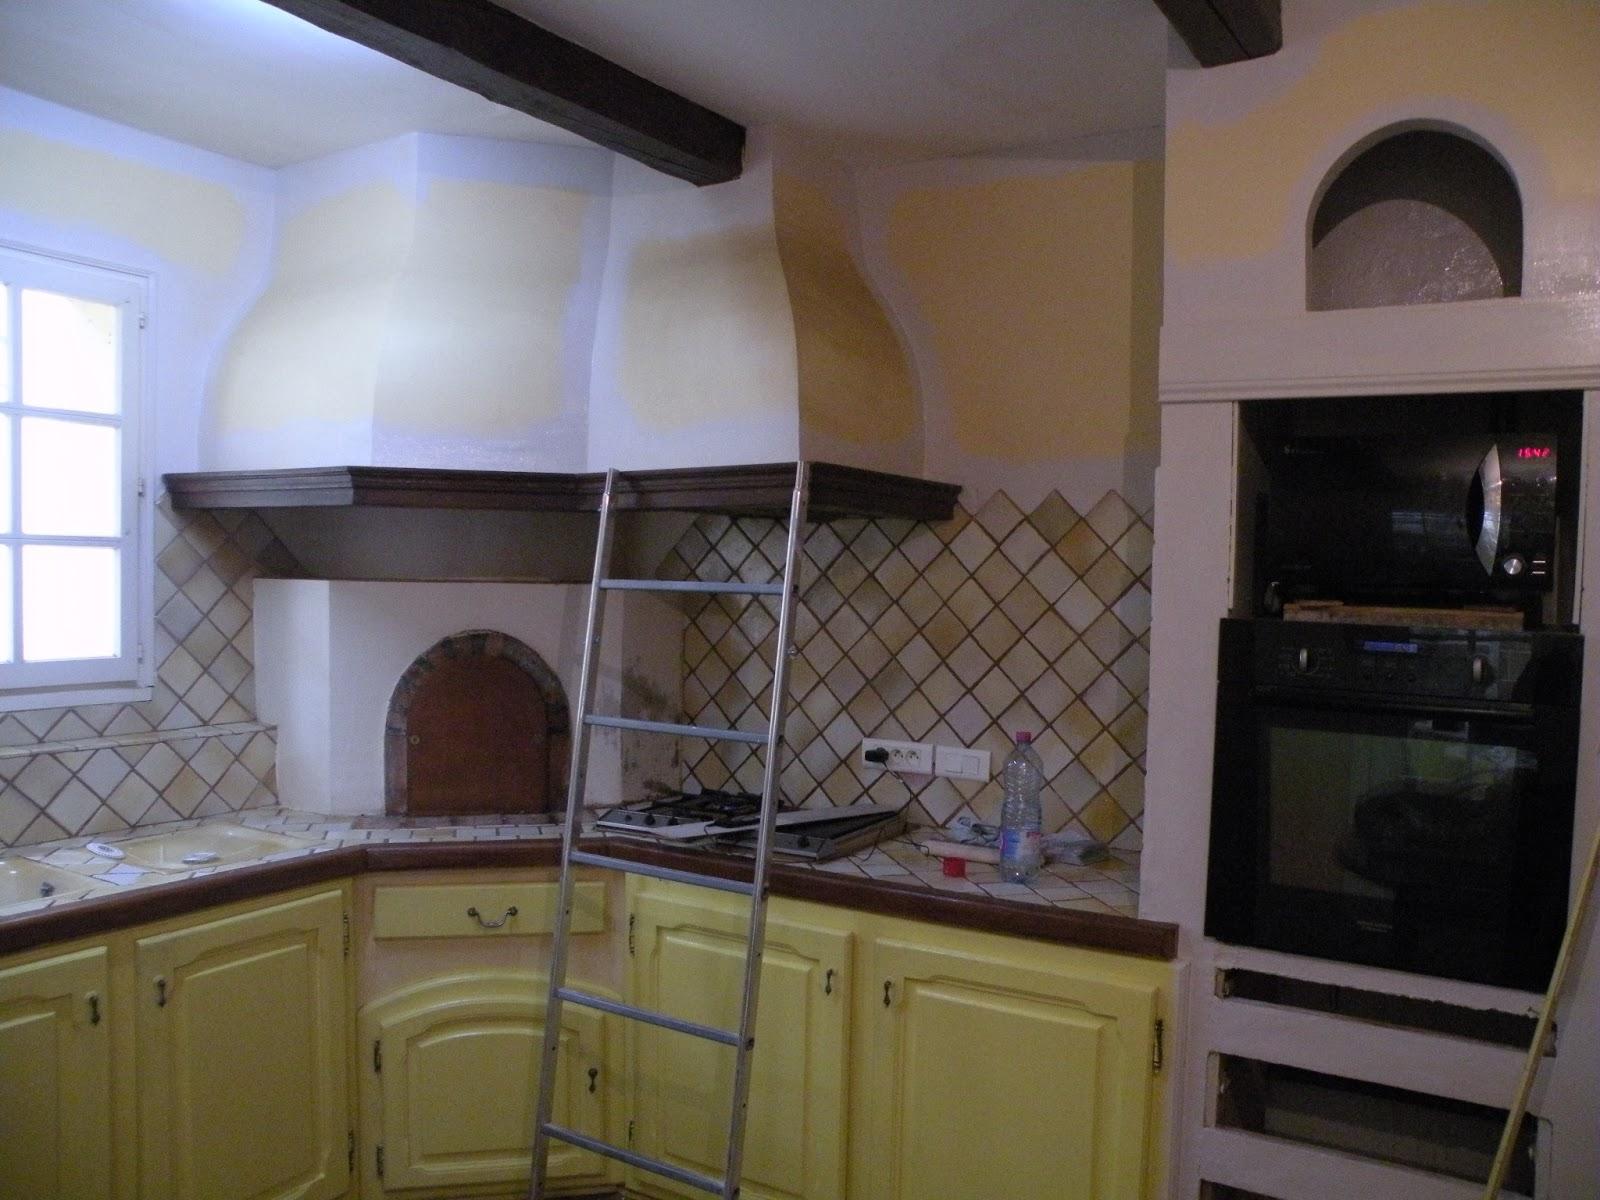 Changement de d cors la cuisine peinture mur et patine for Peinture mur de cuisine